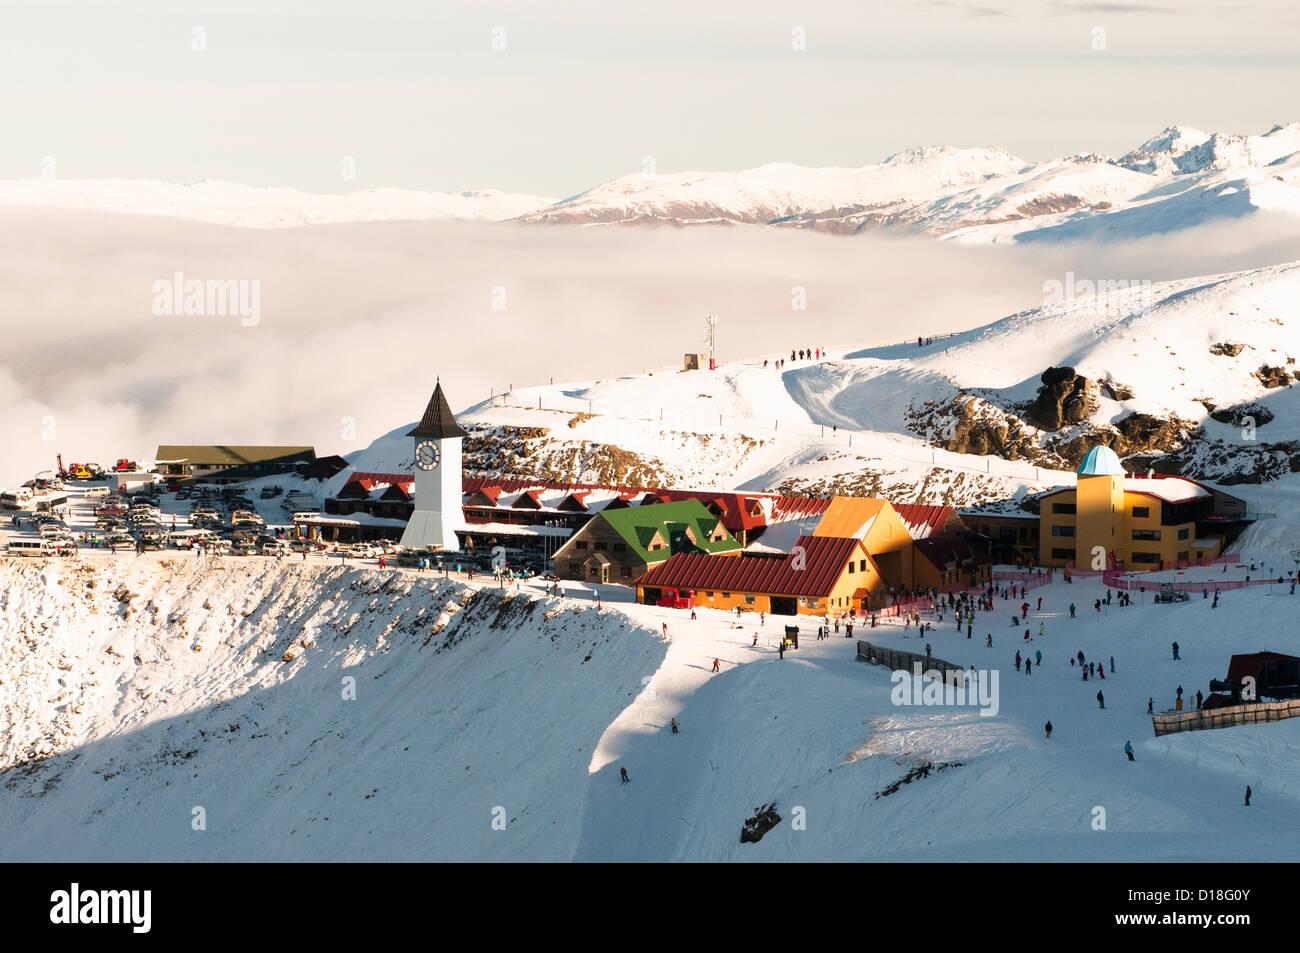 Vue aérienne de la ville de montagne enneigée Photo Stock